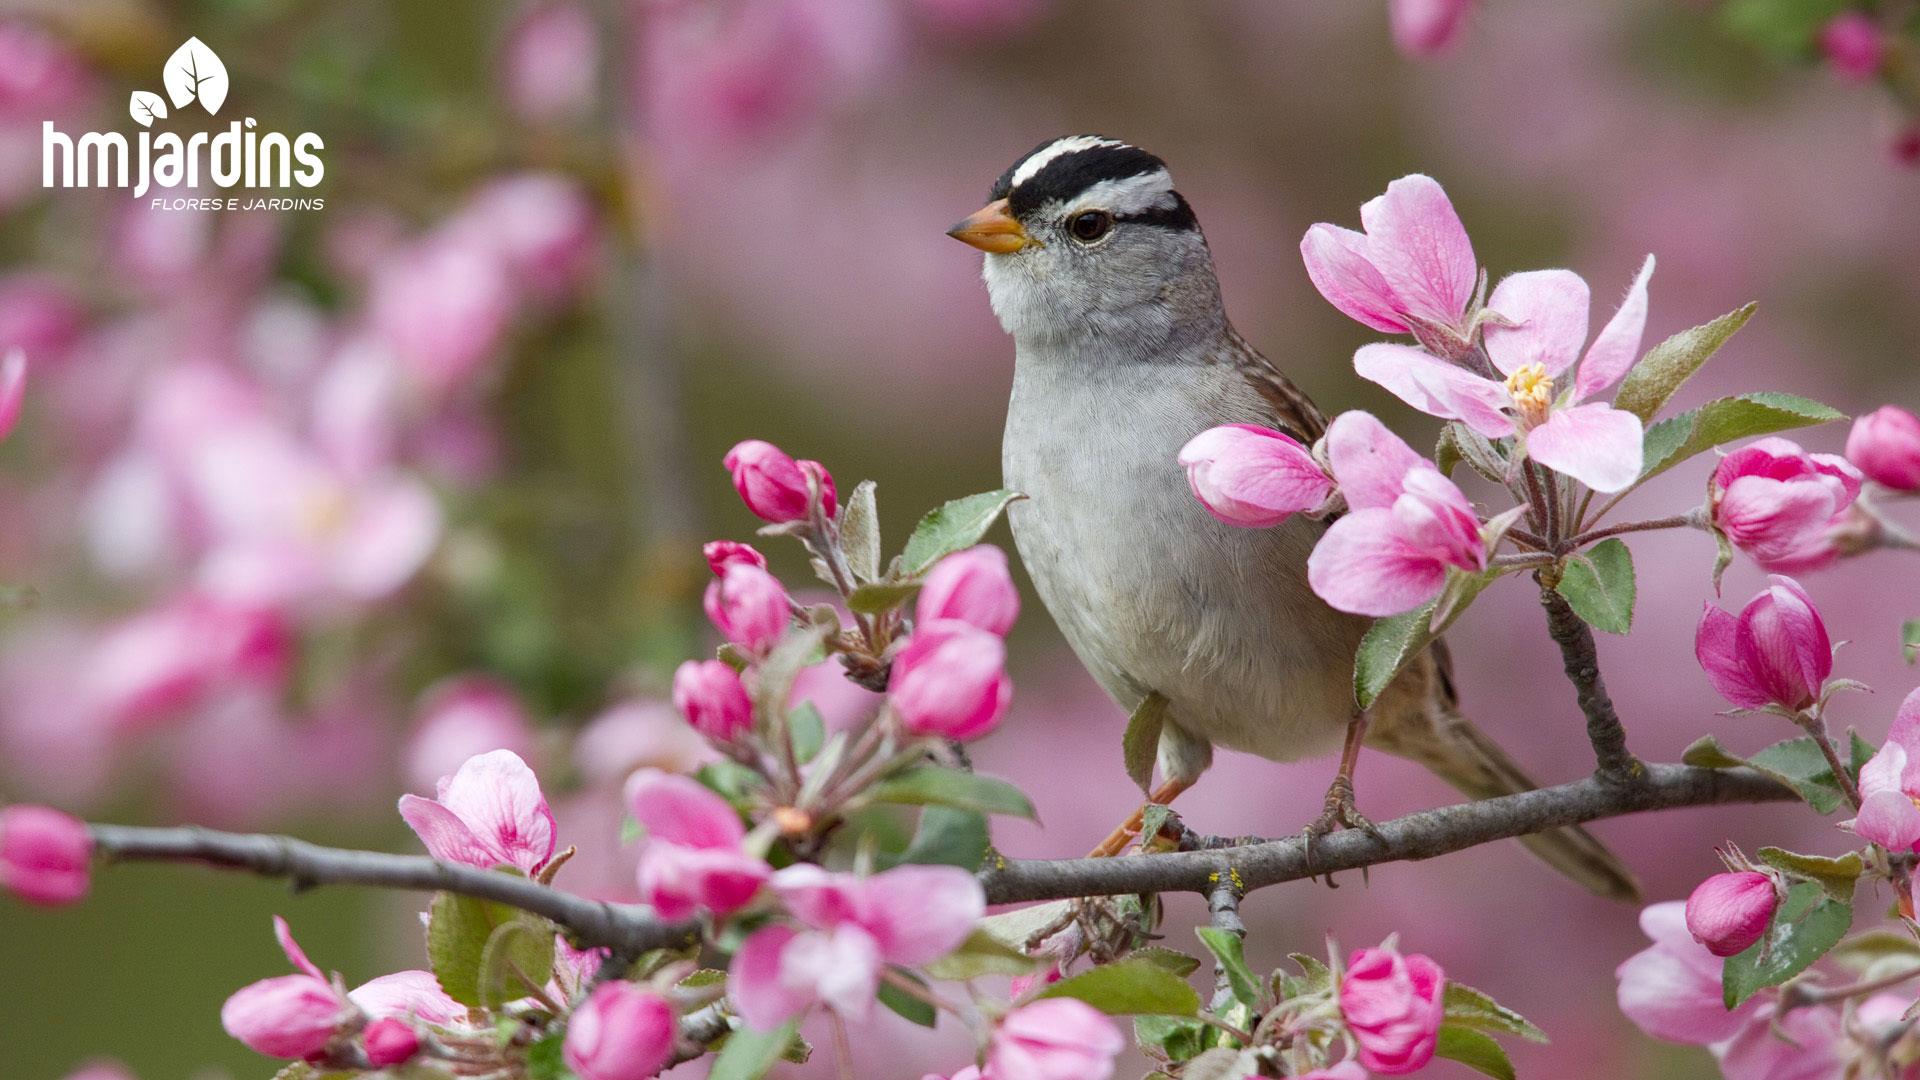 atrair-pássaros-jardim